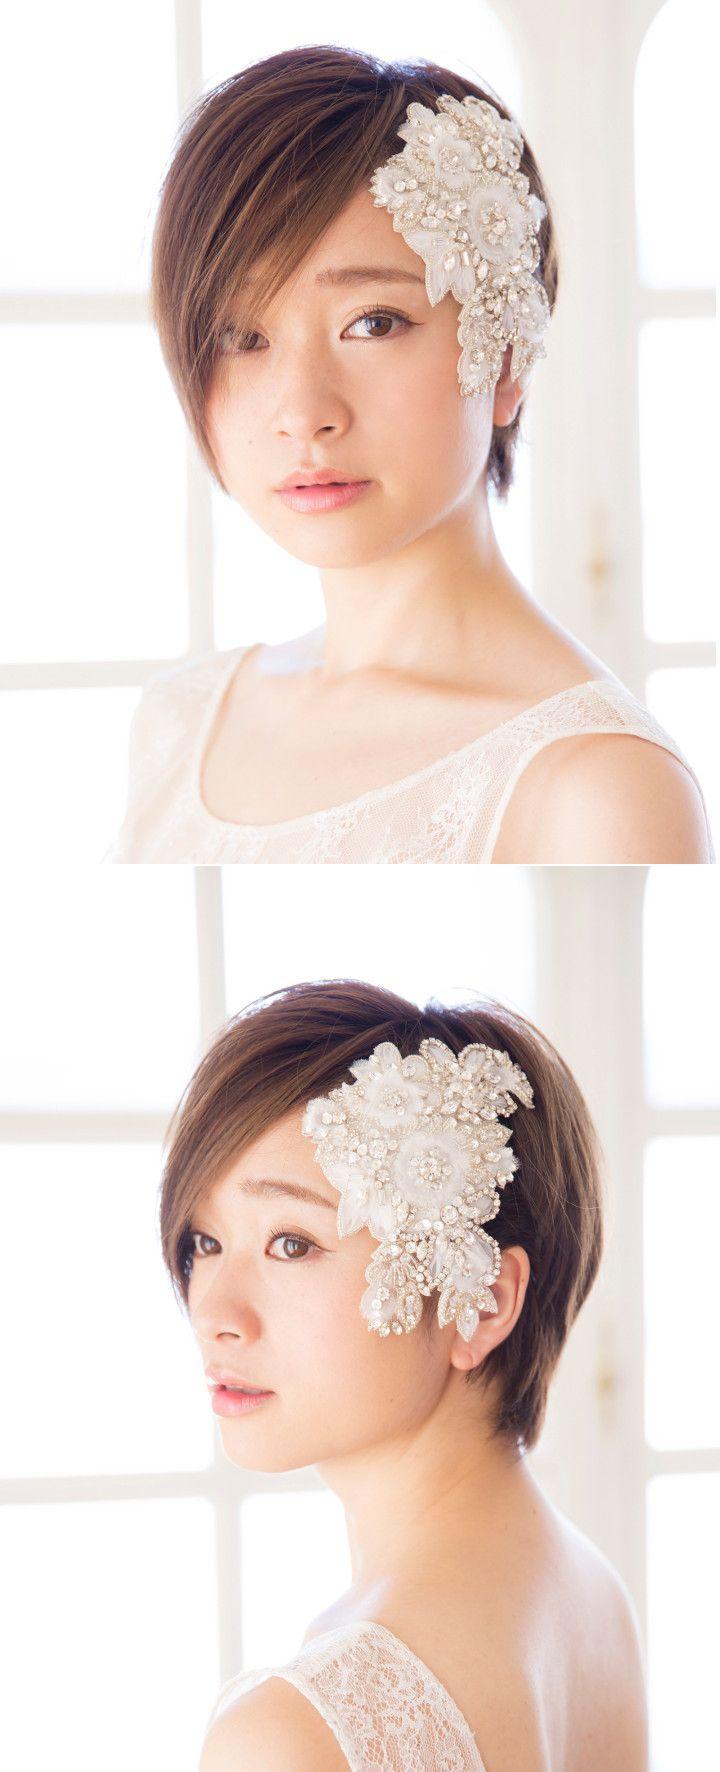 きらびやかなビジューとシャープな前髪でハンサム&クールな花嫁に。横から見ても表情が輝いて見えます♪